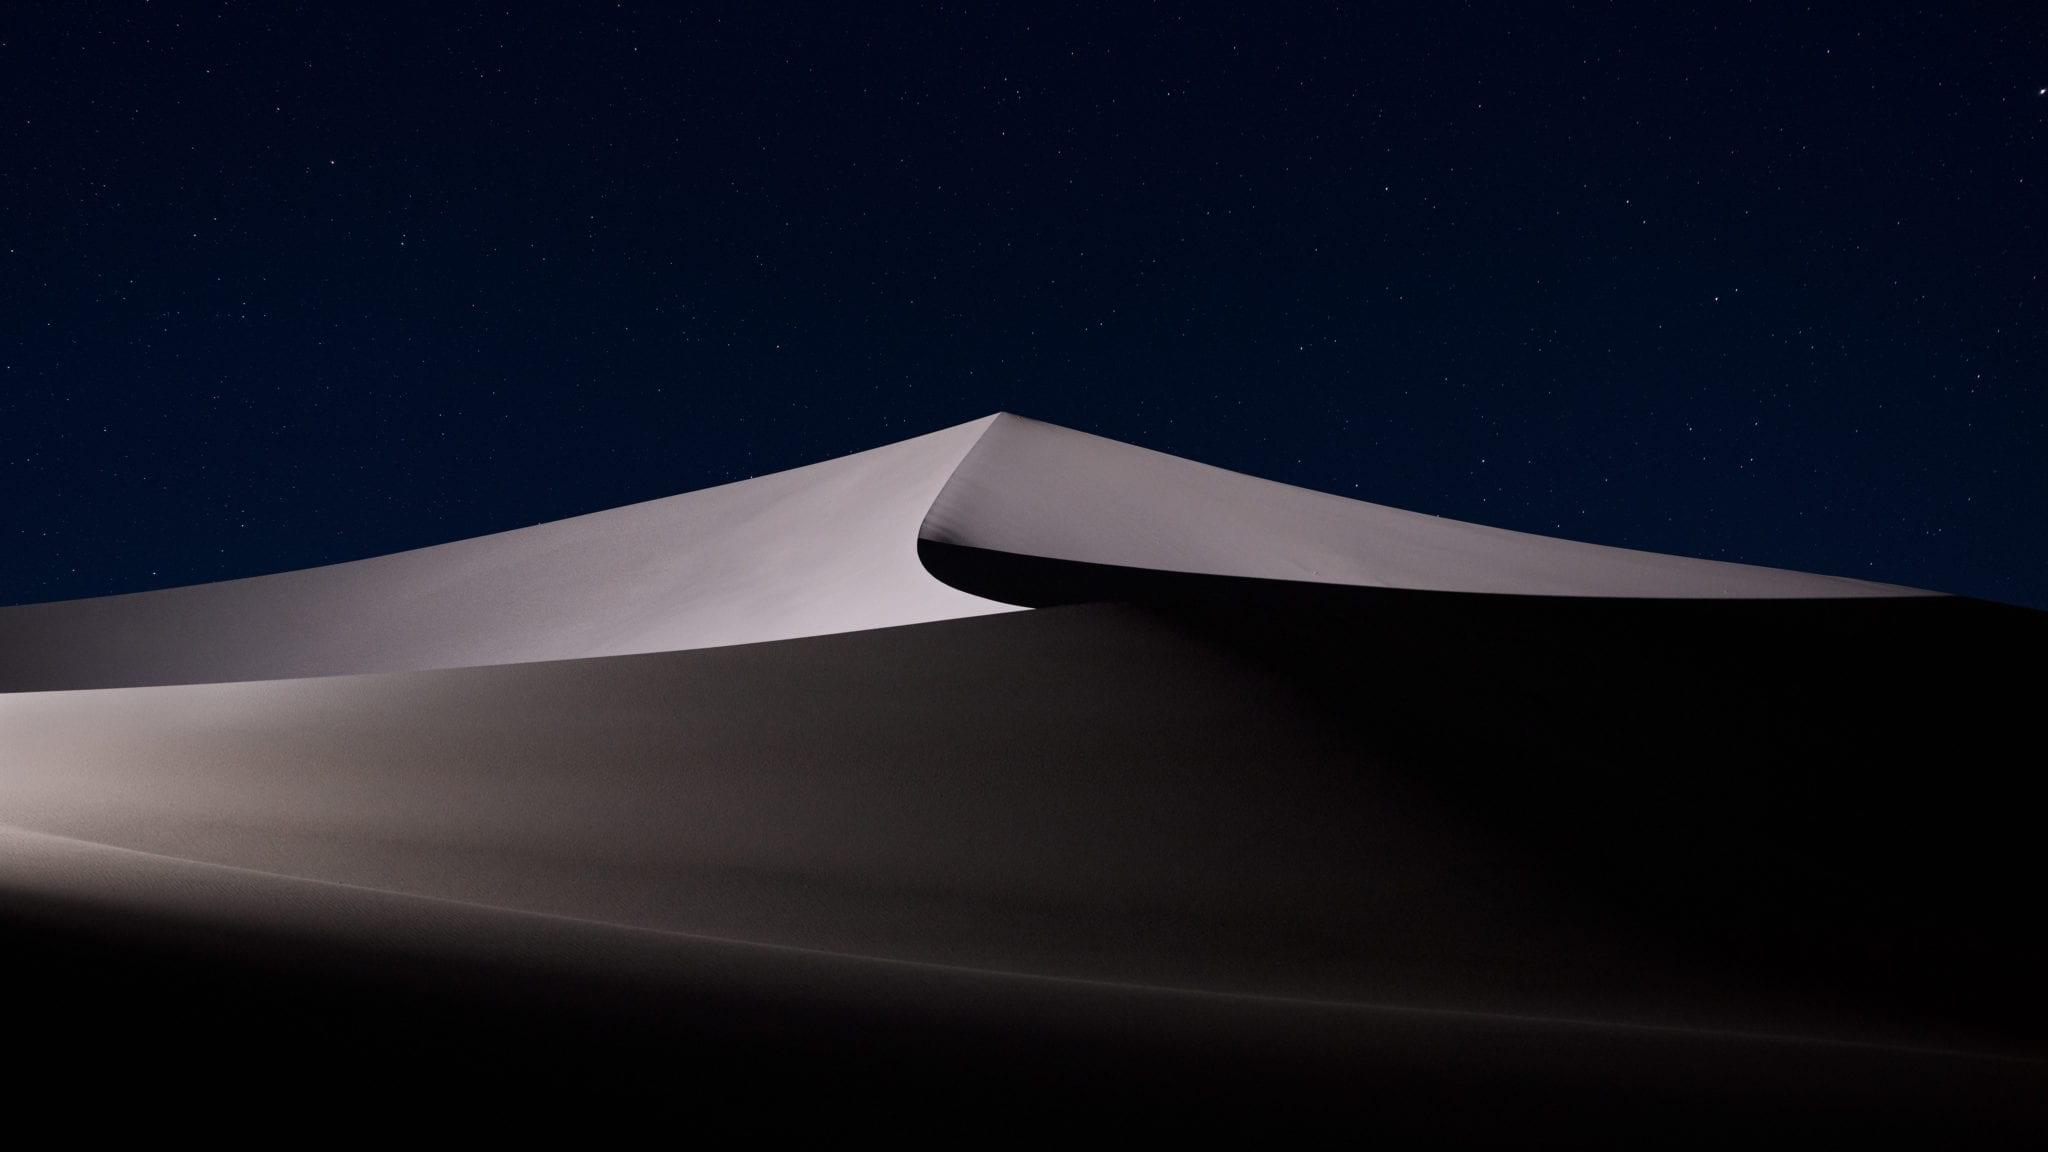 Desert 6 - Stiahnite si vyše 20 nových pozadí z macOS Mojave